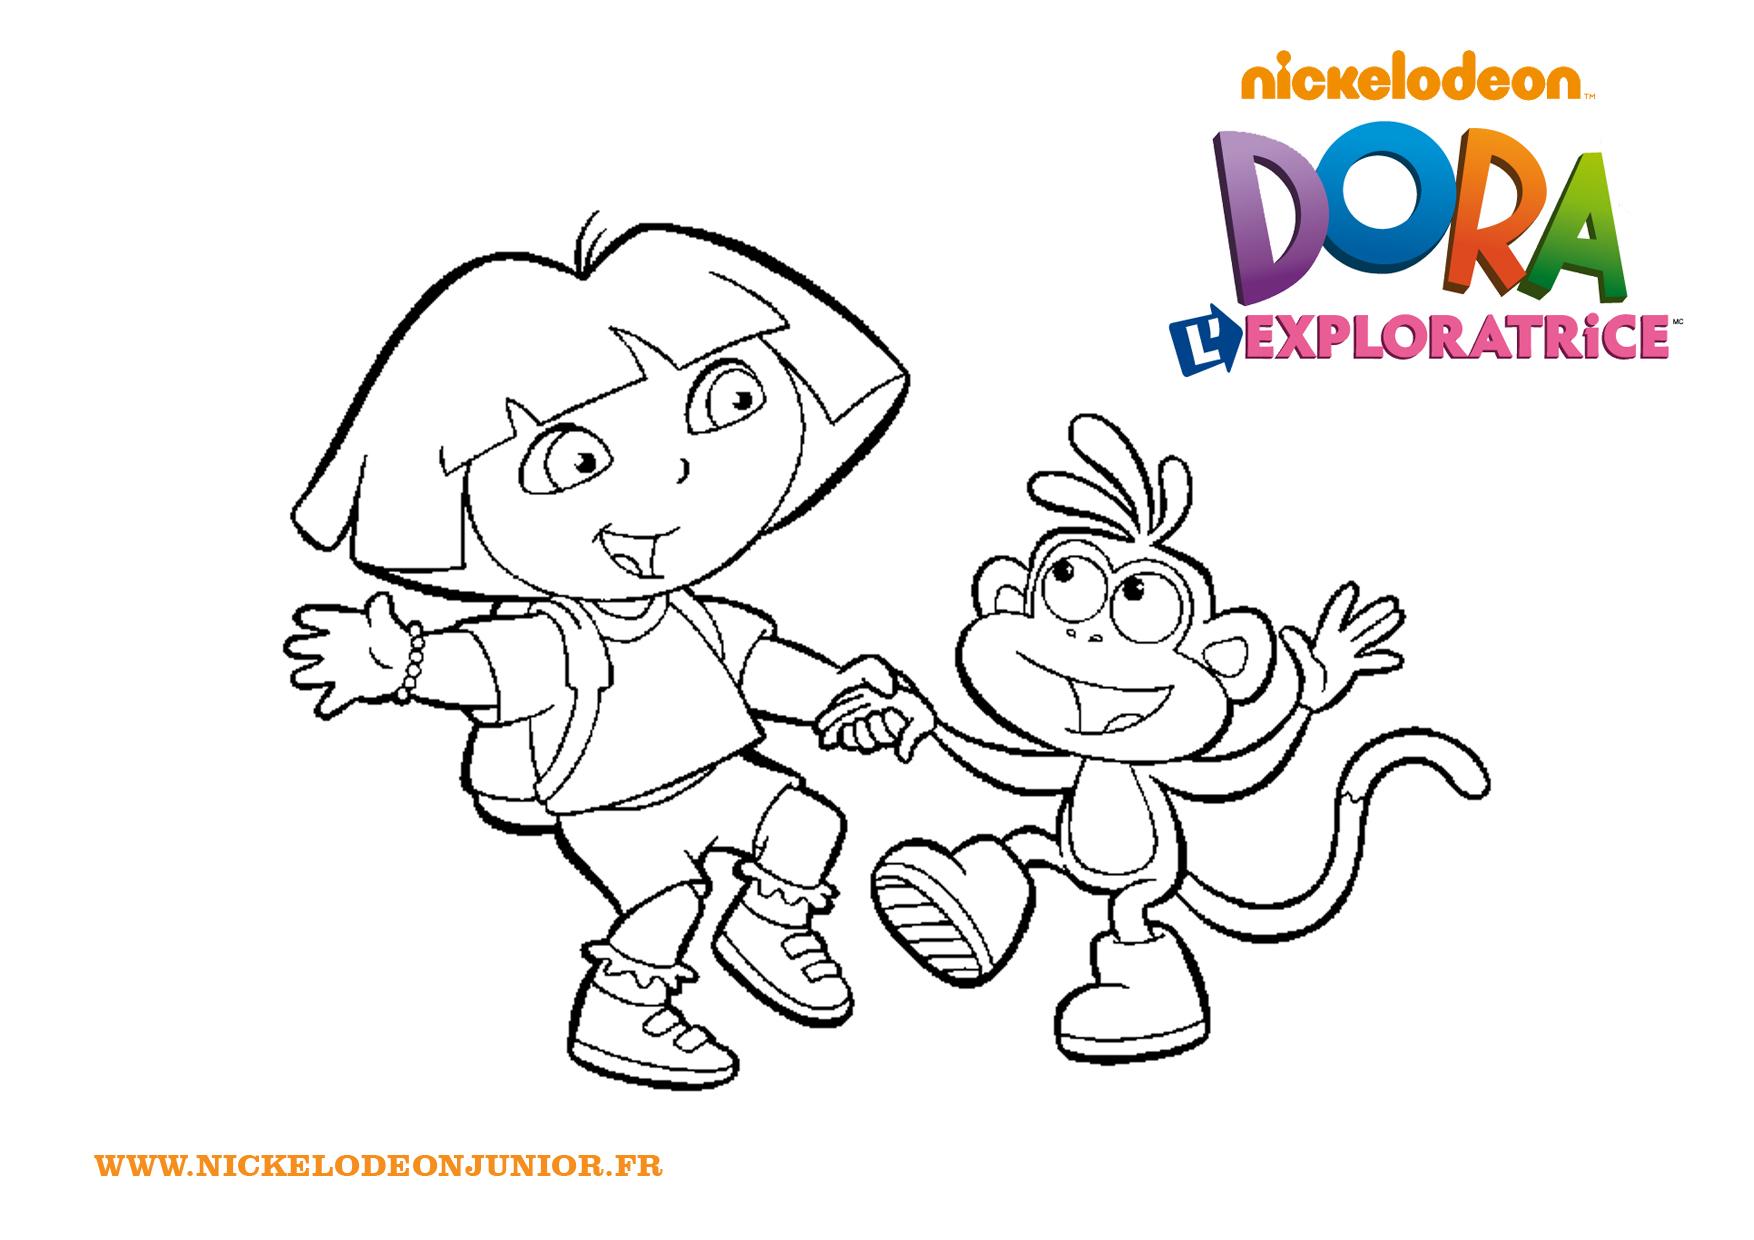 Dora danse avec babouche - Jeux de nick junior ...